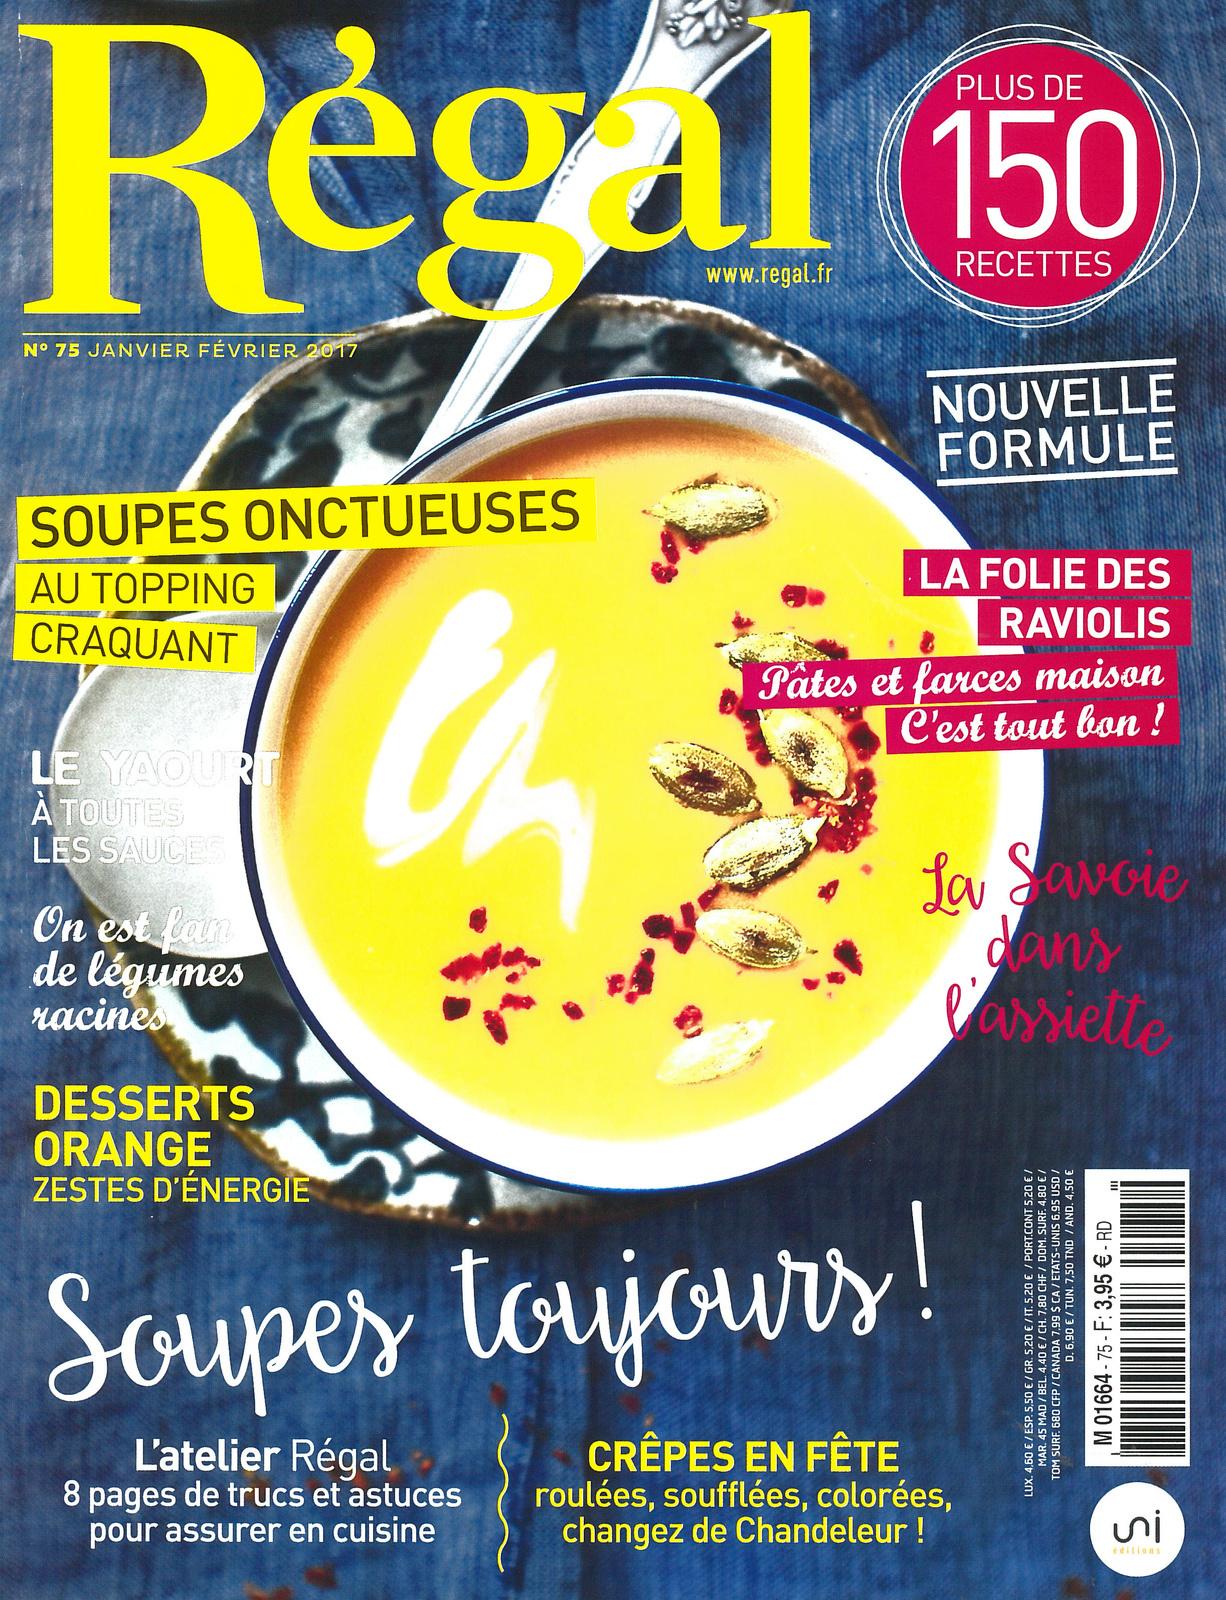 Les crêpes à l'honneur dans le magazine Régal !